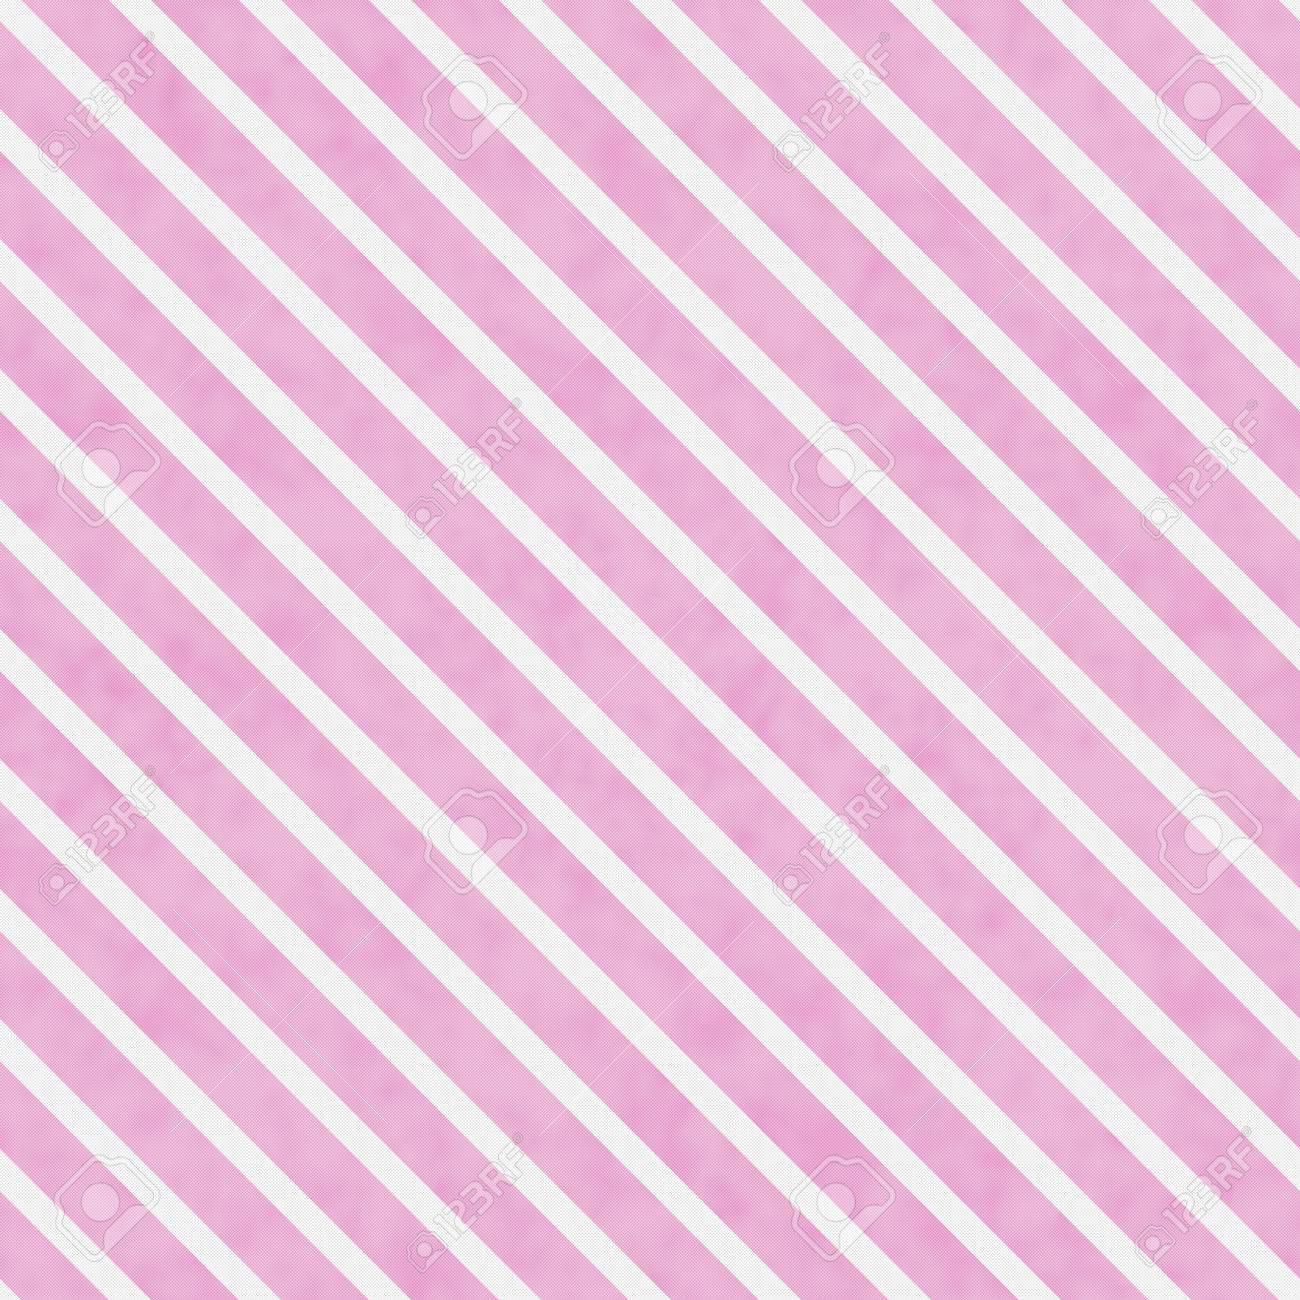 Immagini Stock Rosa E Bianco A Strisce Ripetizione Del Modello Di